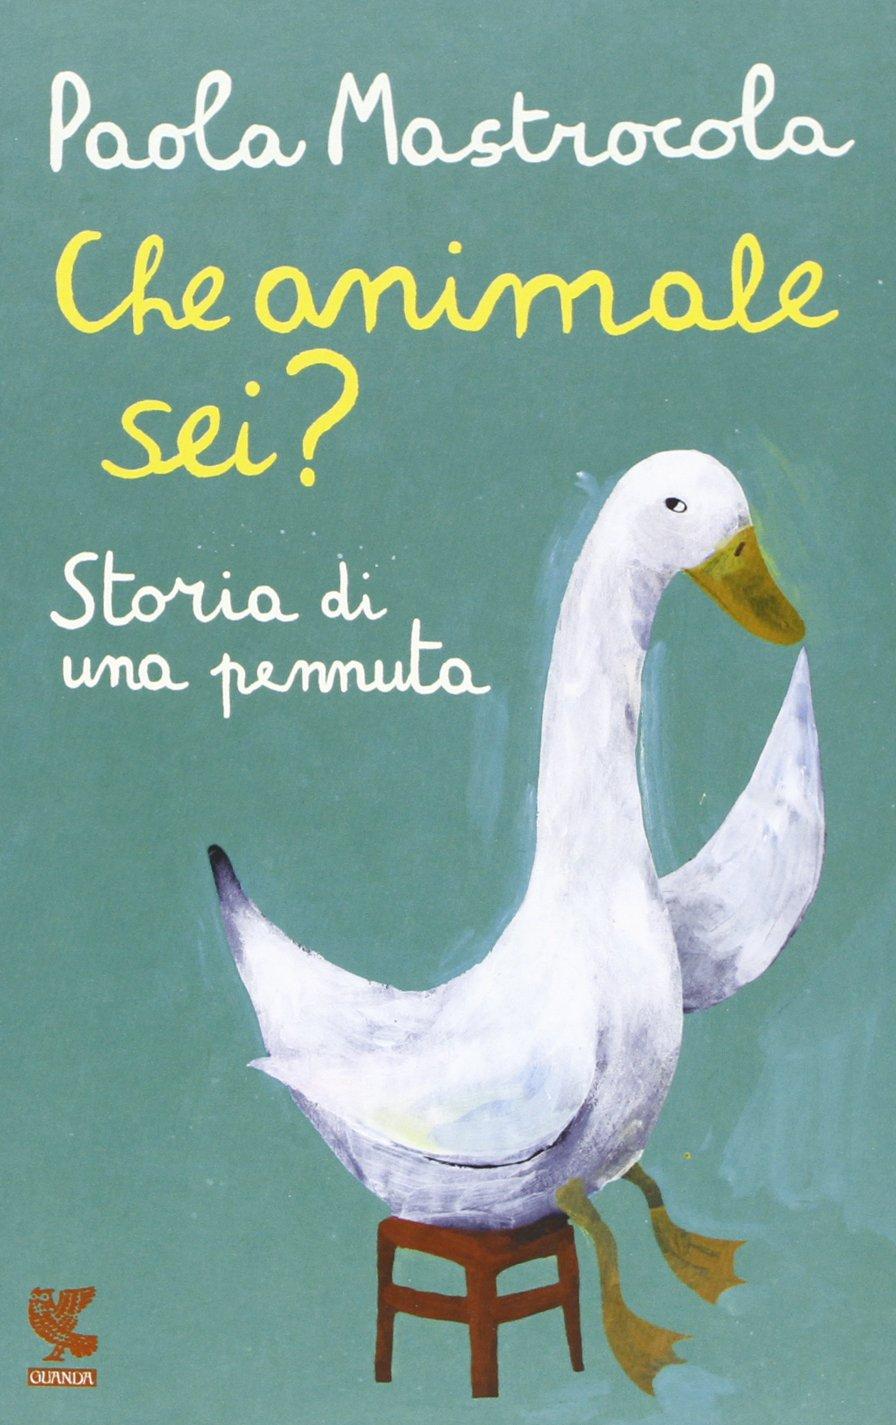 Che animale sei? maestra